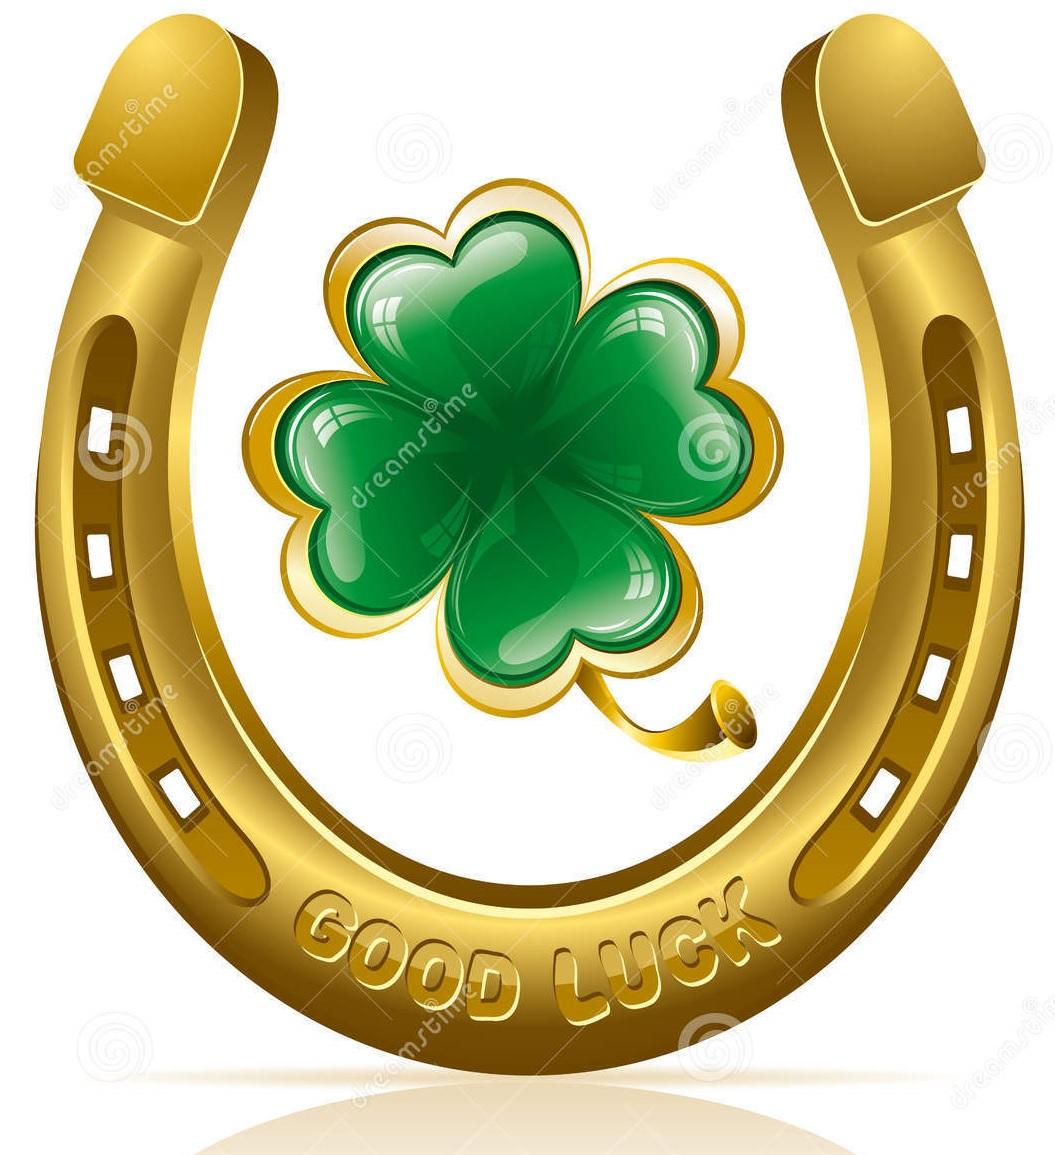 La limo ambata cia 39 cia 39 cia 39 lottoced forum - Simboli portafortuna cinesi ...